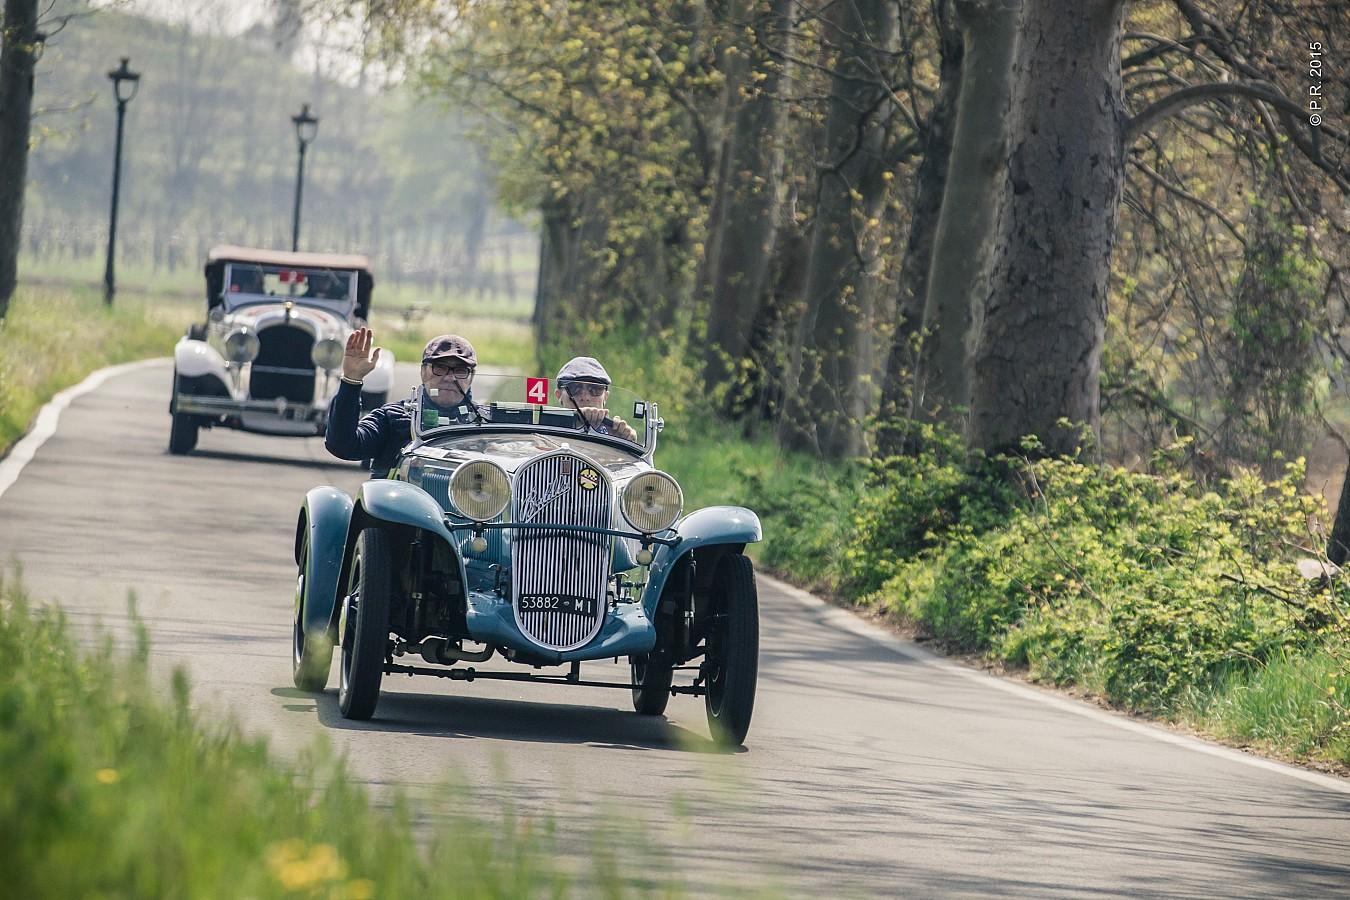 Belometti-Passi su Fiat Siata 508 S del 1932 vincono l'8ª edizione baciata dal sole